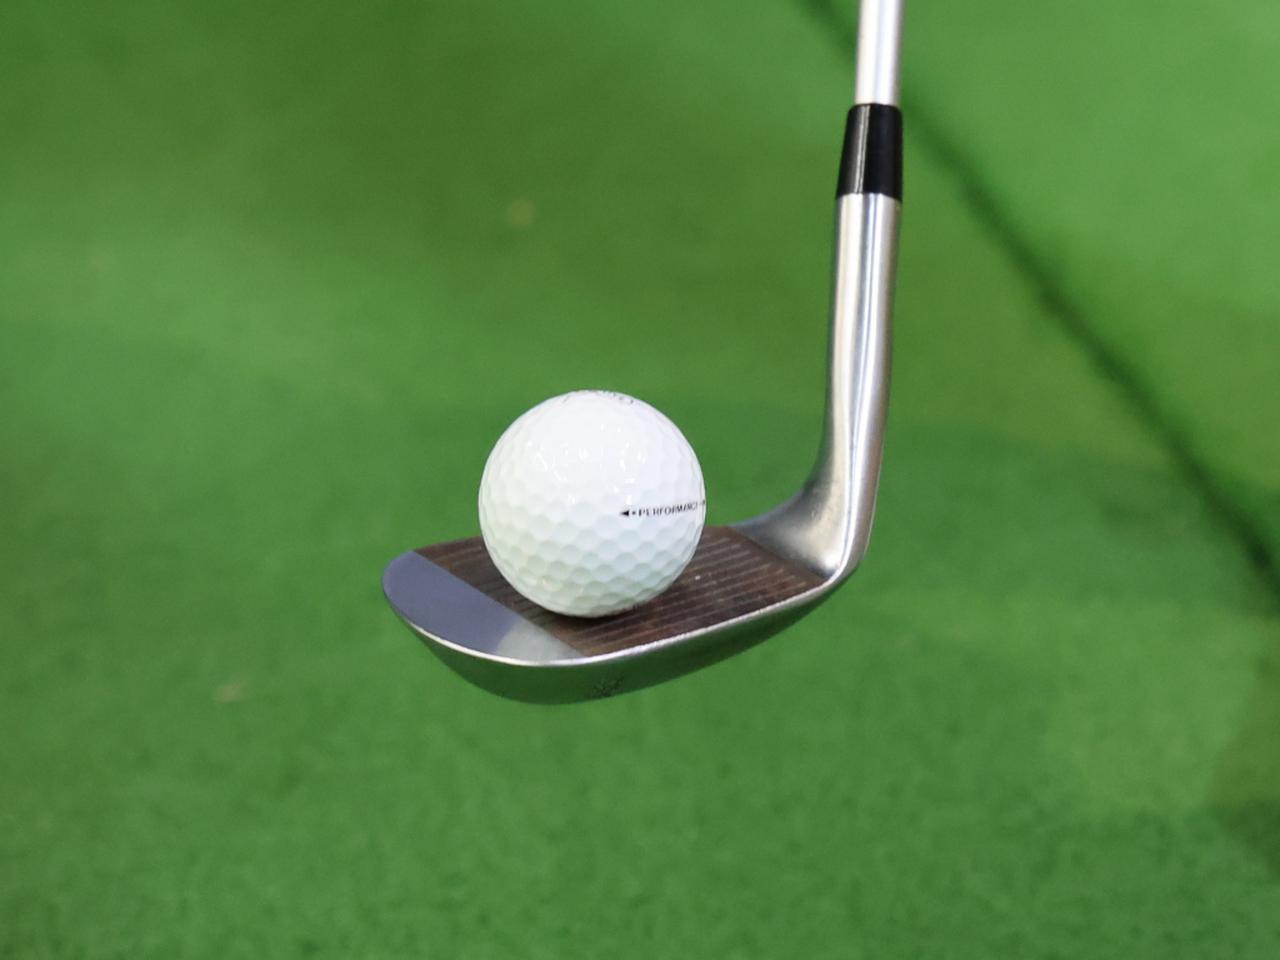 画像: ボールを乗せ、フェース上で回すようにクラブを動かすことで、操作性の良さがわかるという